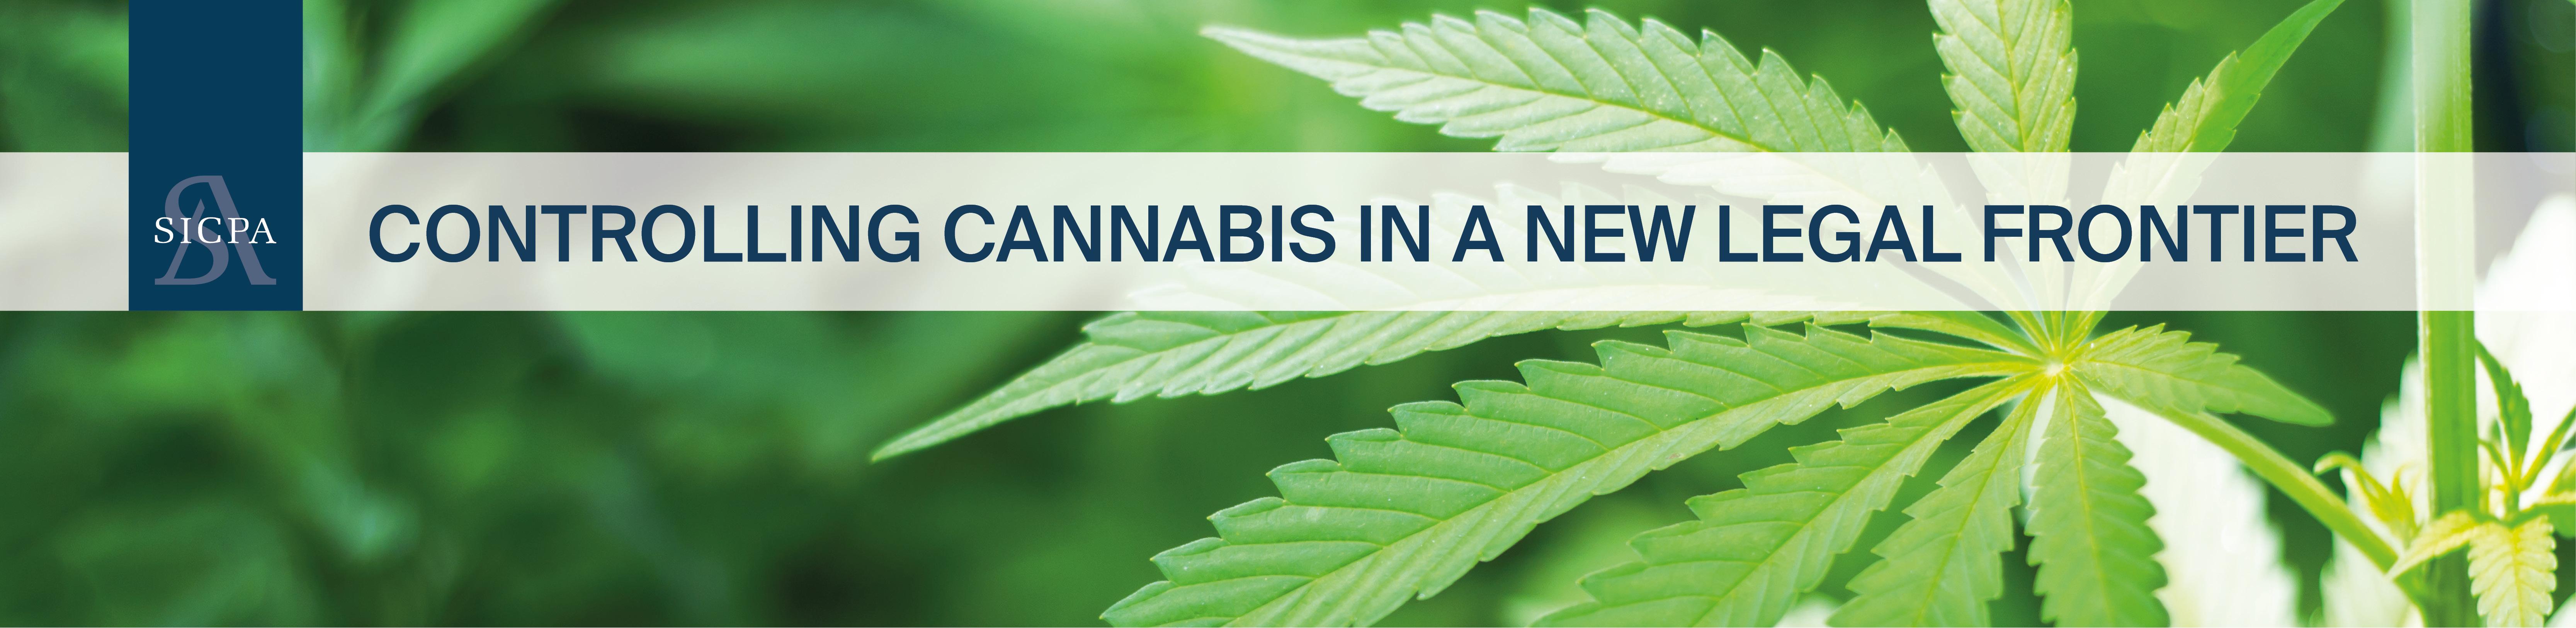 Banner_Cannabis2.jpg